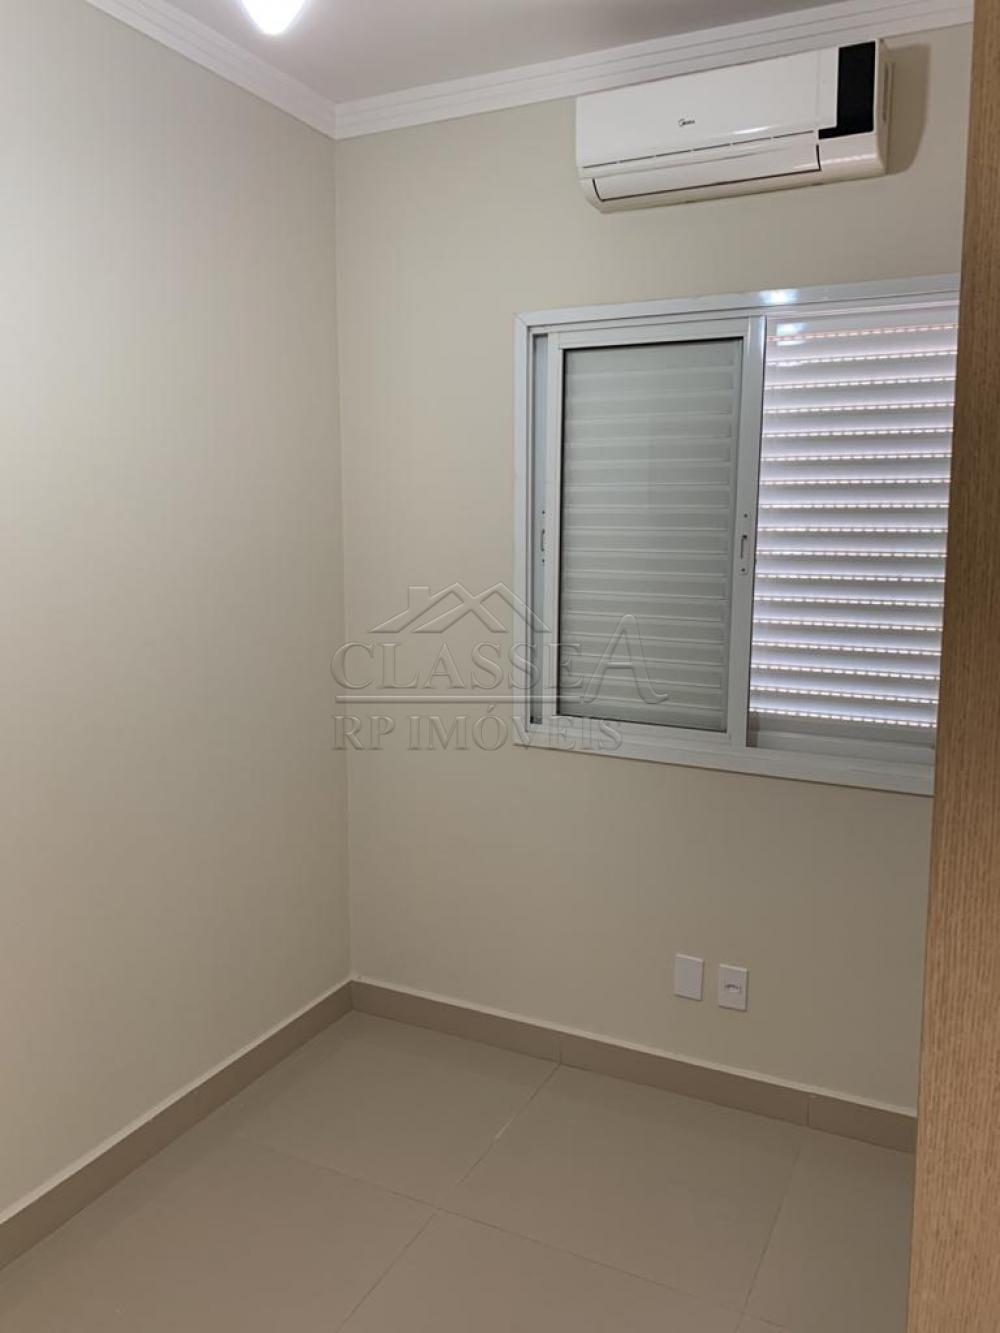 Alugar Casa / Condomínio - sobrado em Ribeirão Preto R$ 3.200,00 - Foto 8